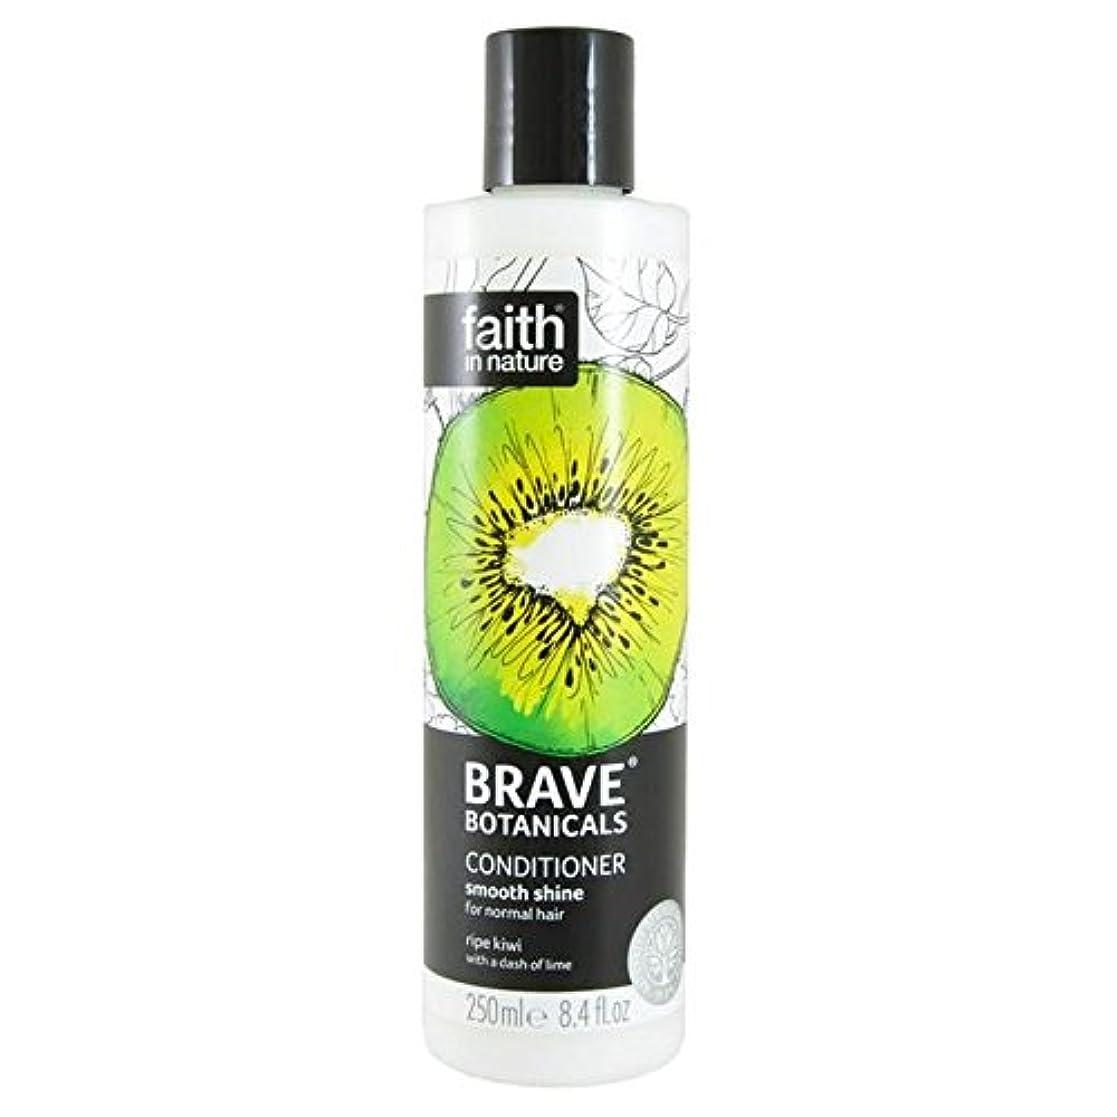 最後の経済的密度Brave Botanicals Kiwi & Lime Smooth Shine Conditioner 250ml (Pack of 4) - (Faith In Nature) 勇敢な植物キウイ&ライムなめらかな輝...